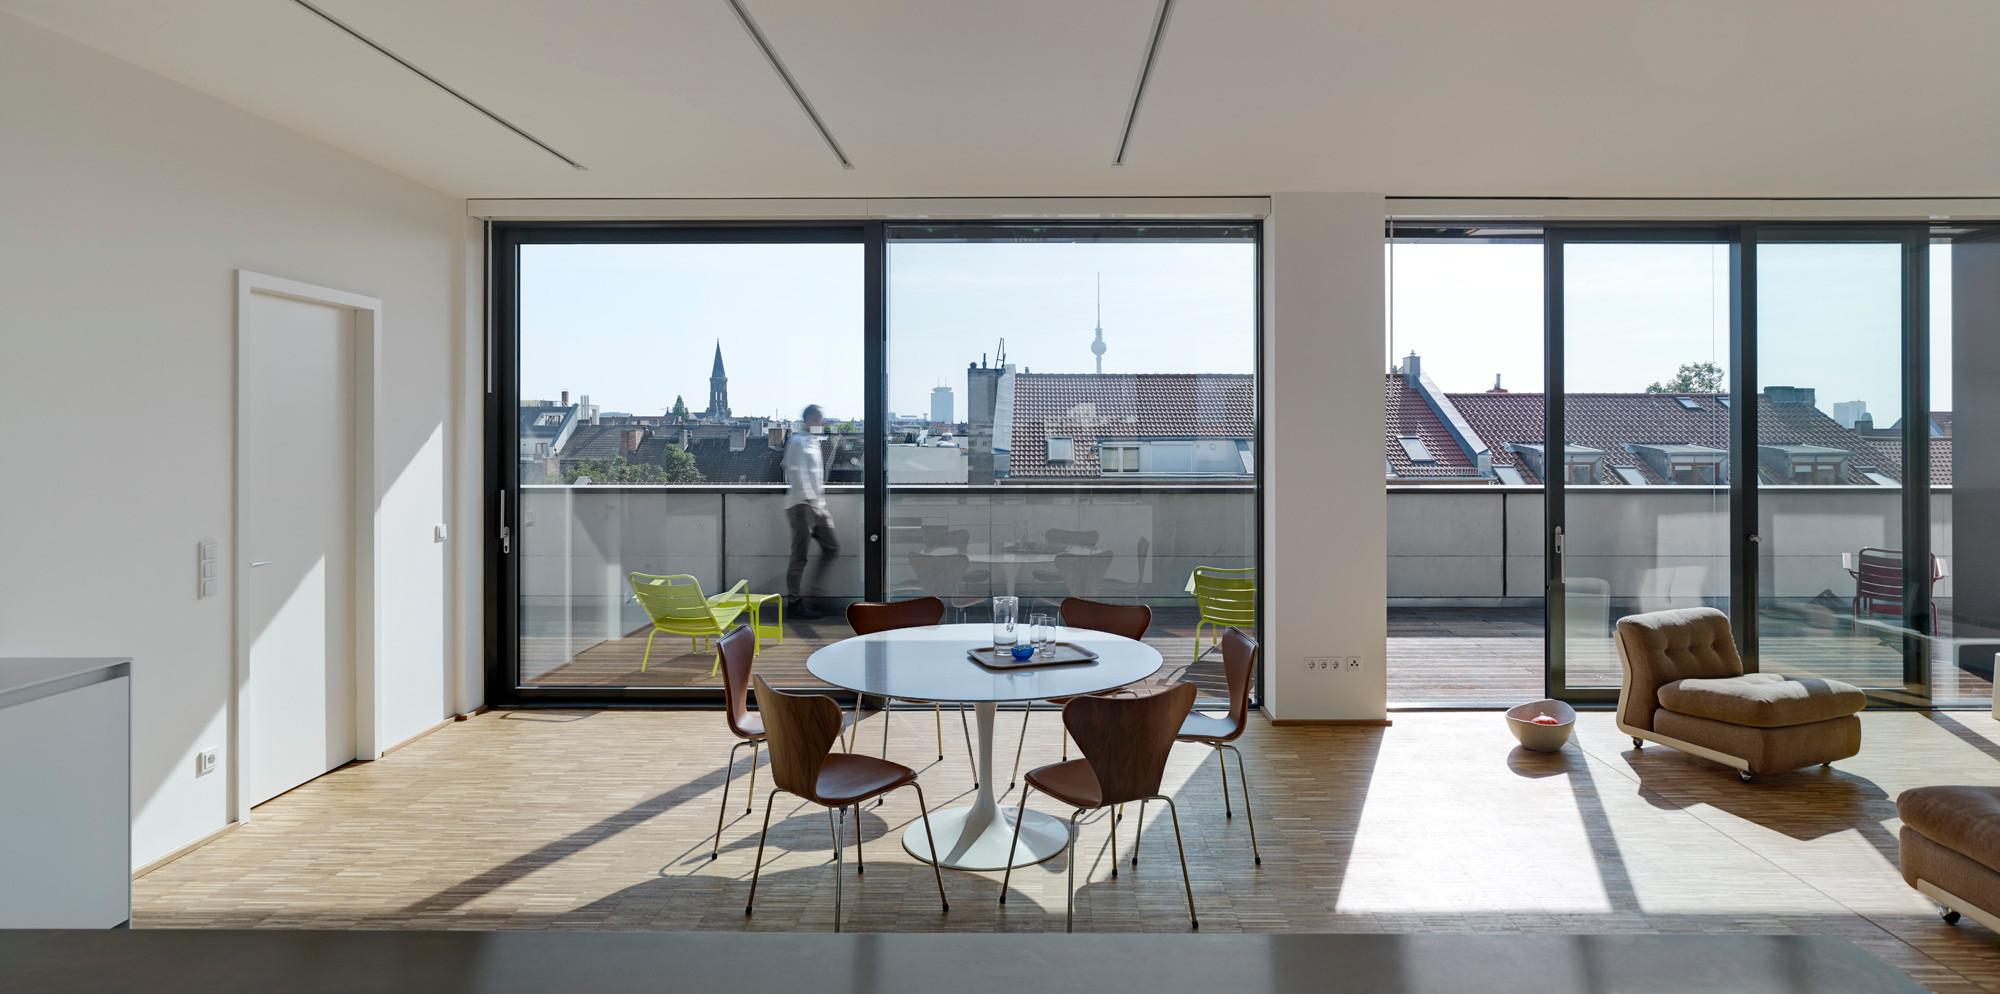 wohnhaus in berlin mitte sonnenschutz wohnen baunetz wissen. Black Bedroom Furniture Sets. Home Design Ideas